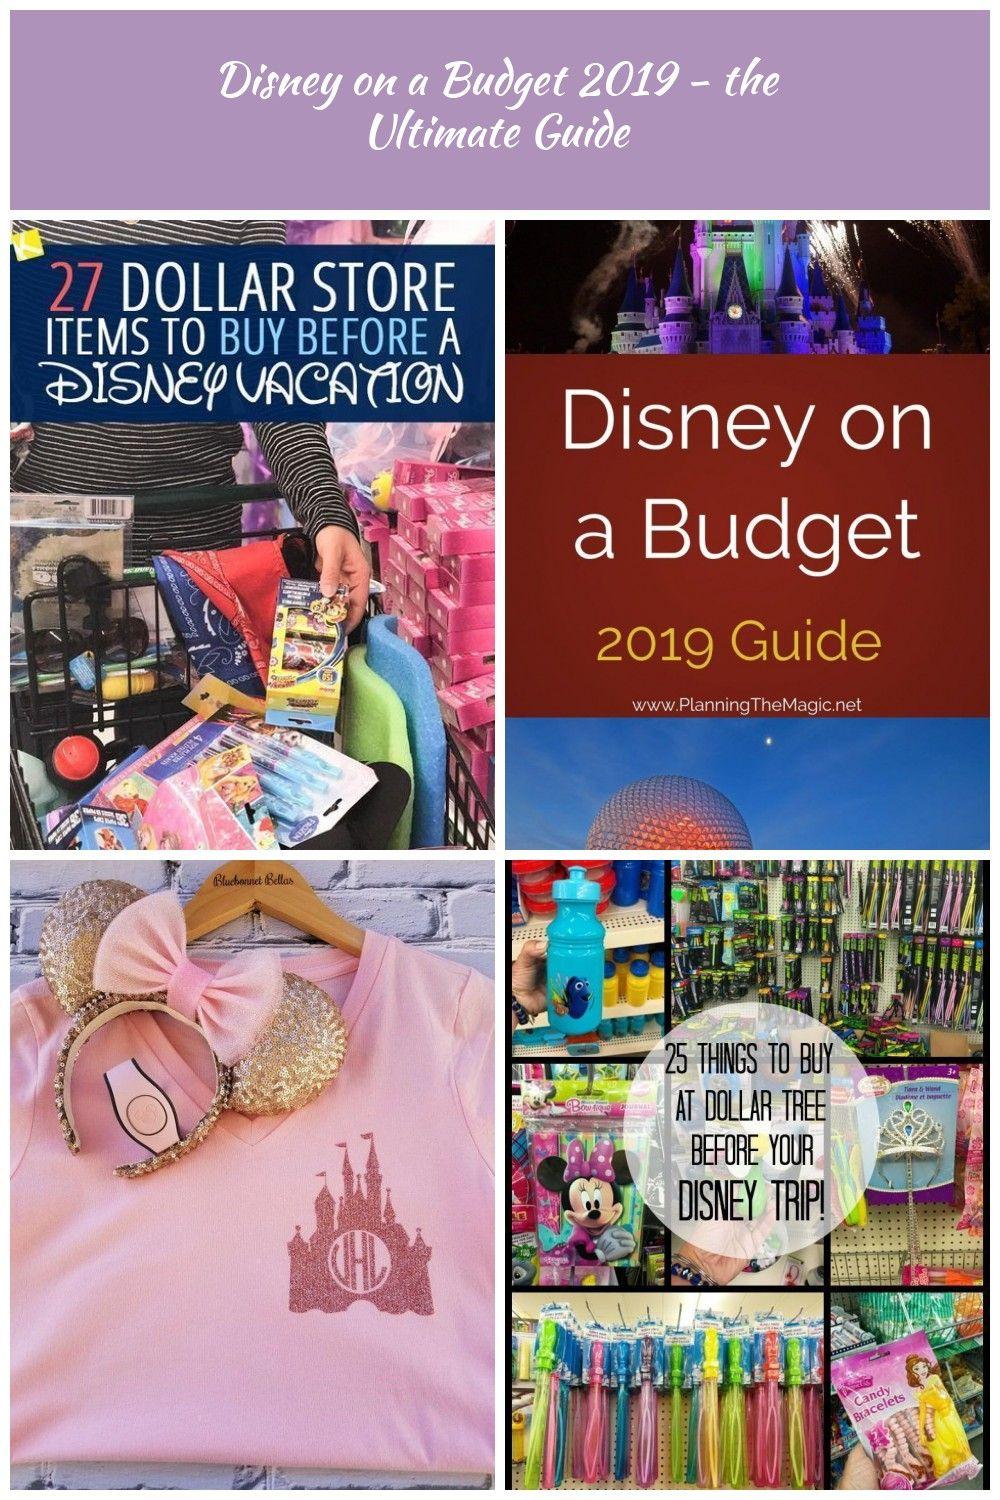 Ich bin total geschockt dass der DollarStore so viel DisneyZeug hat  Ich bin s  disney Vacation